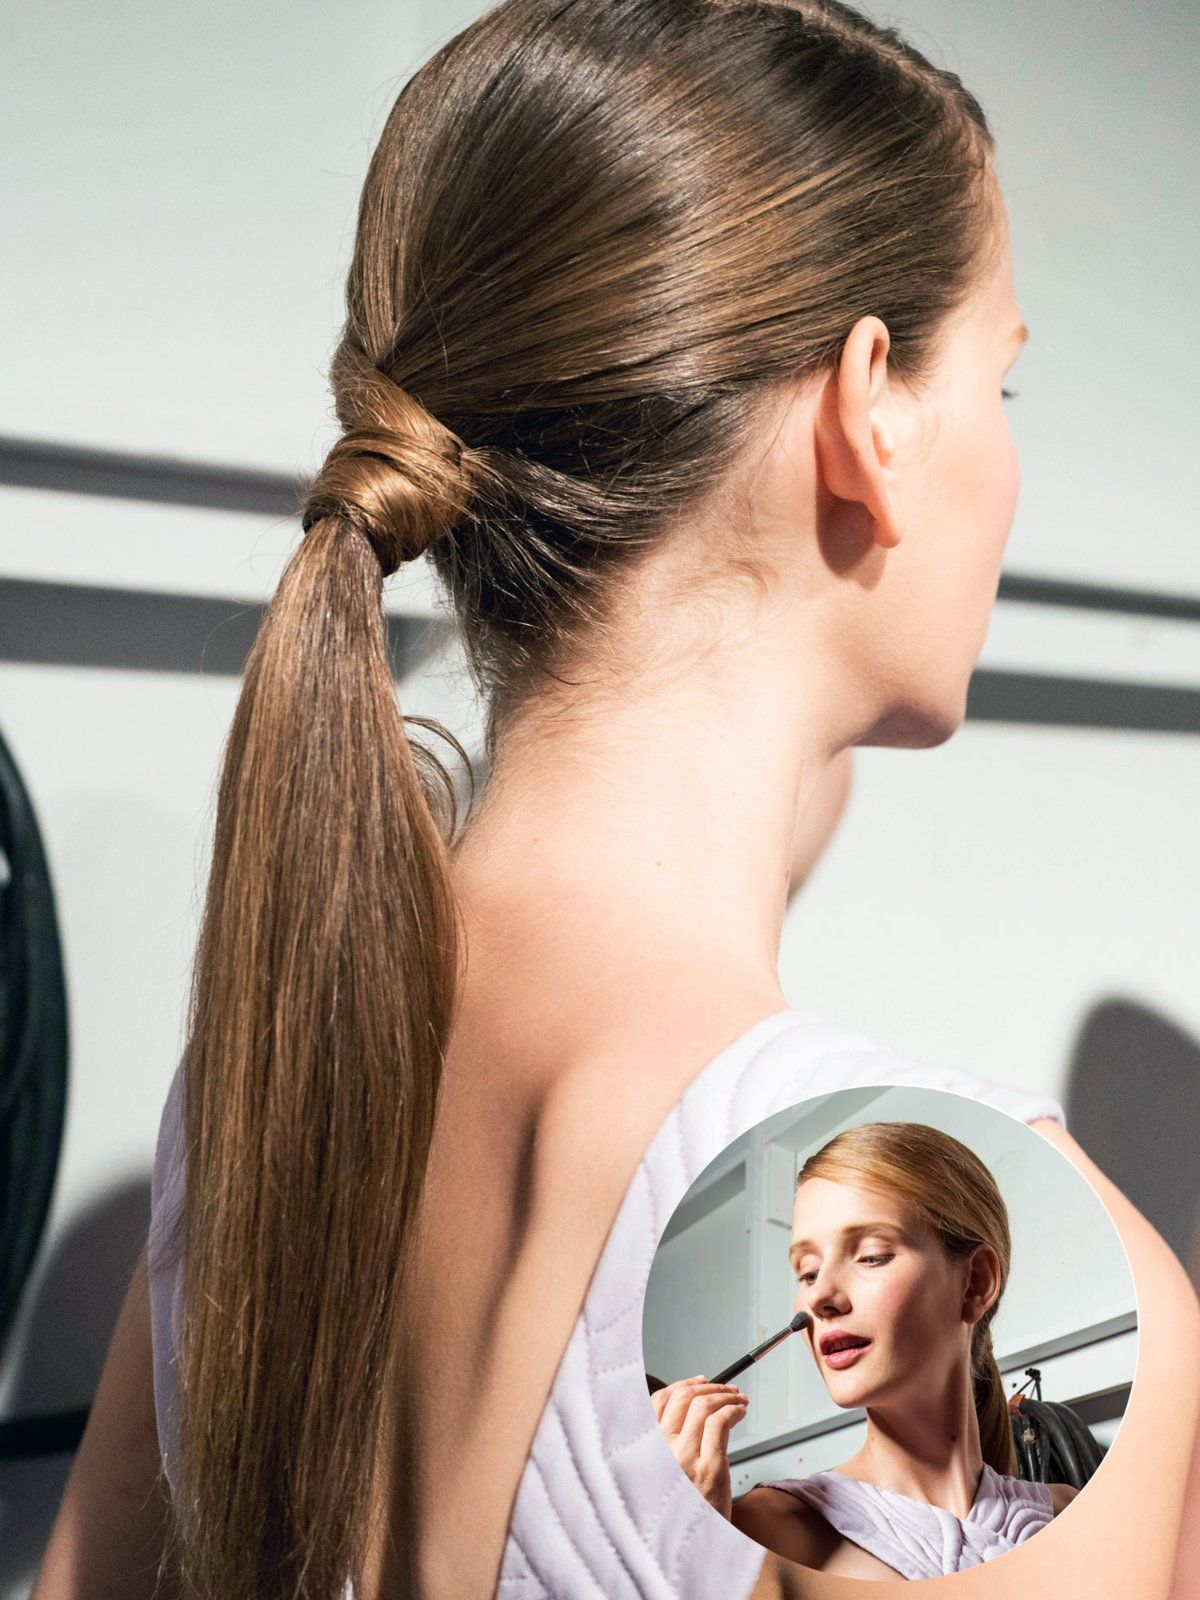 Frisur Schnelle Frisuren Zum Nachstylen Hochsteckfrisuren Mittellang Frisur Hochgesteckt Mittellange Haare